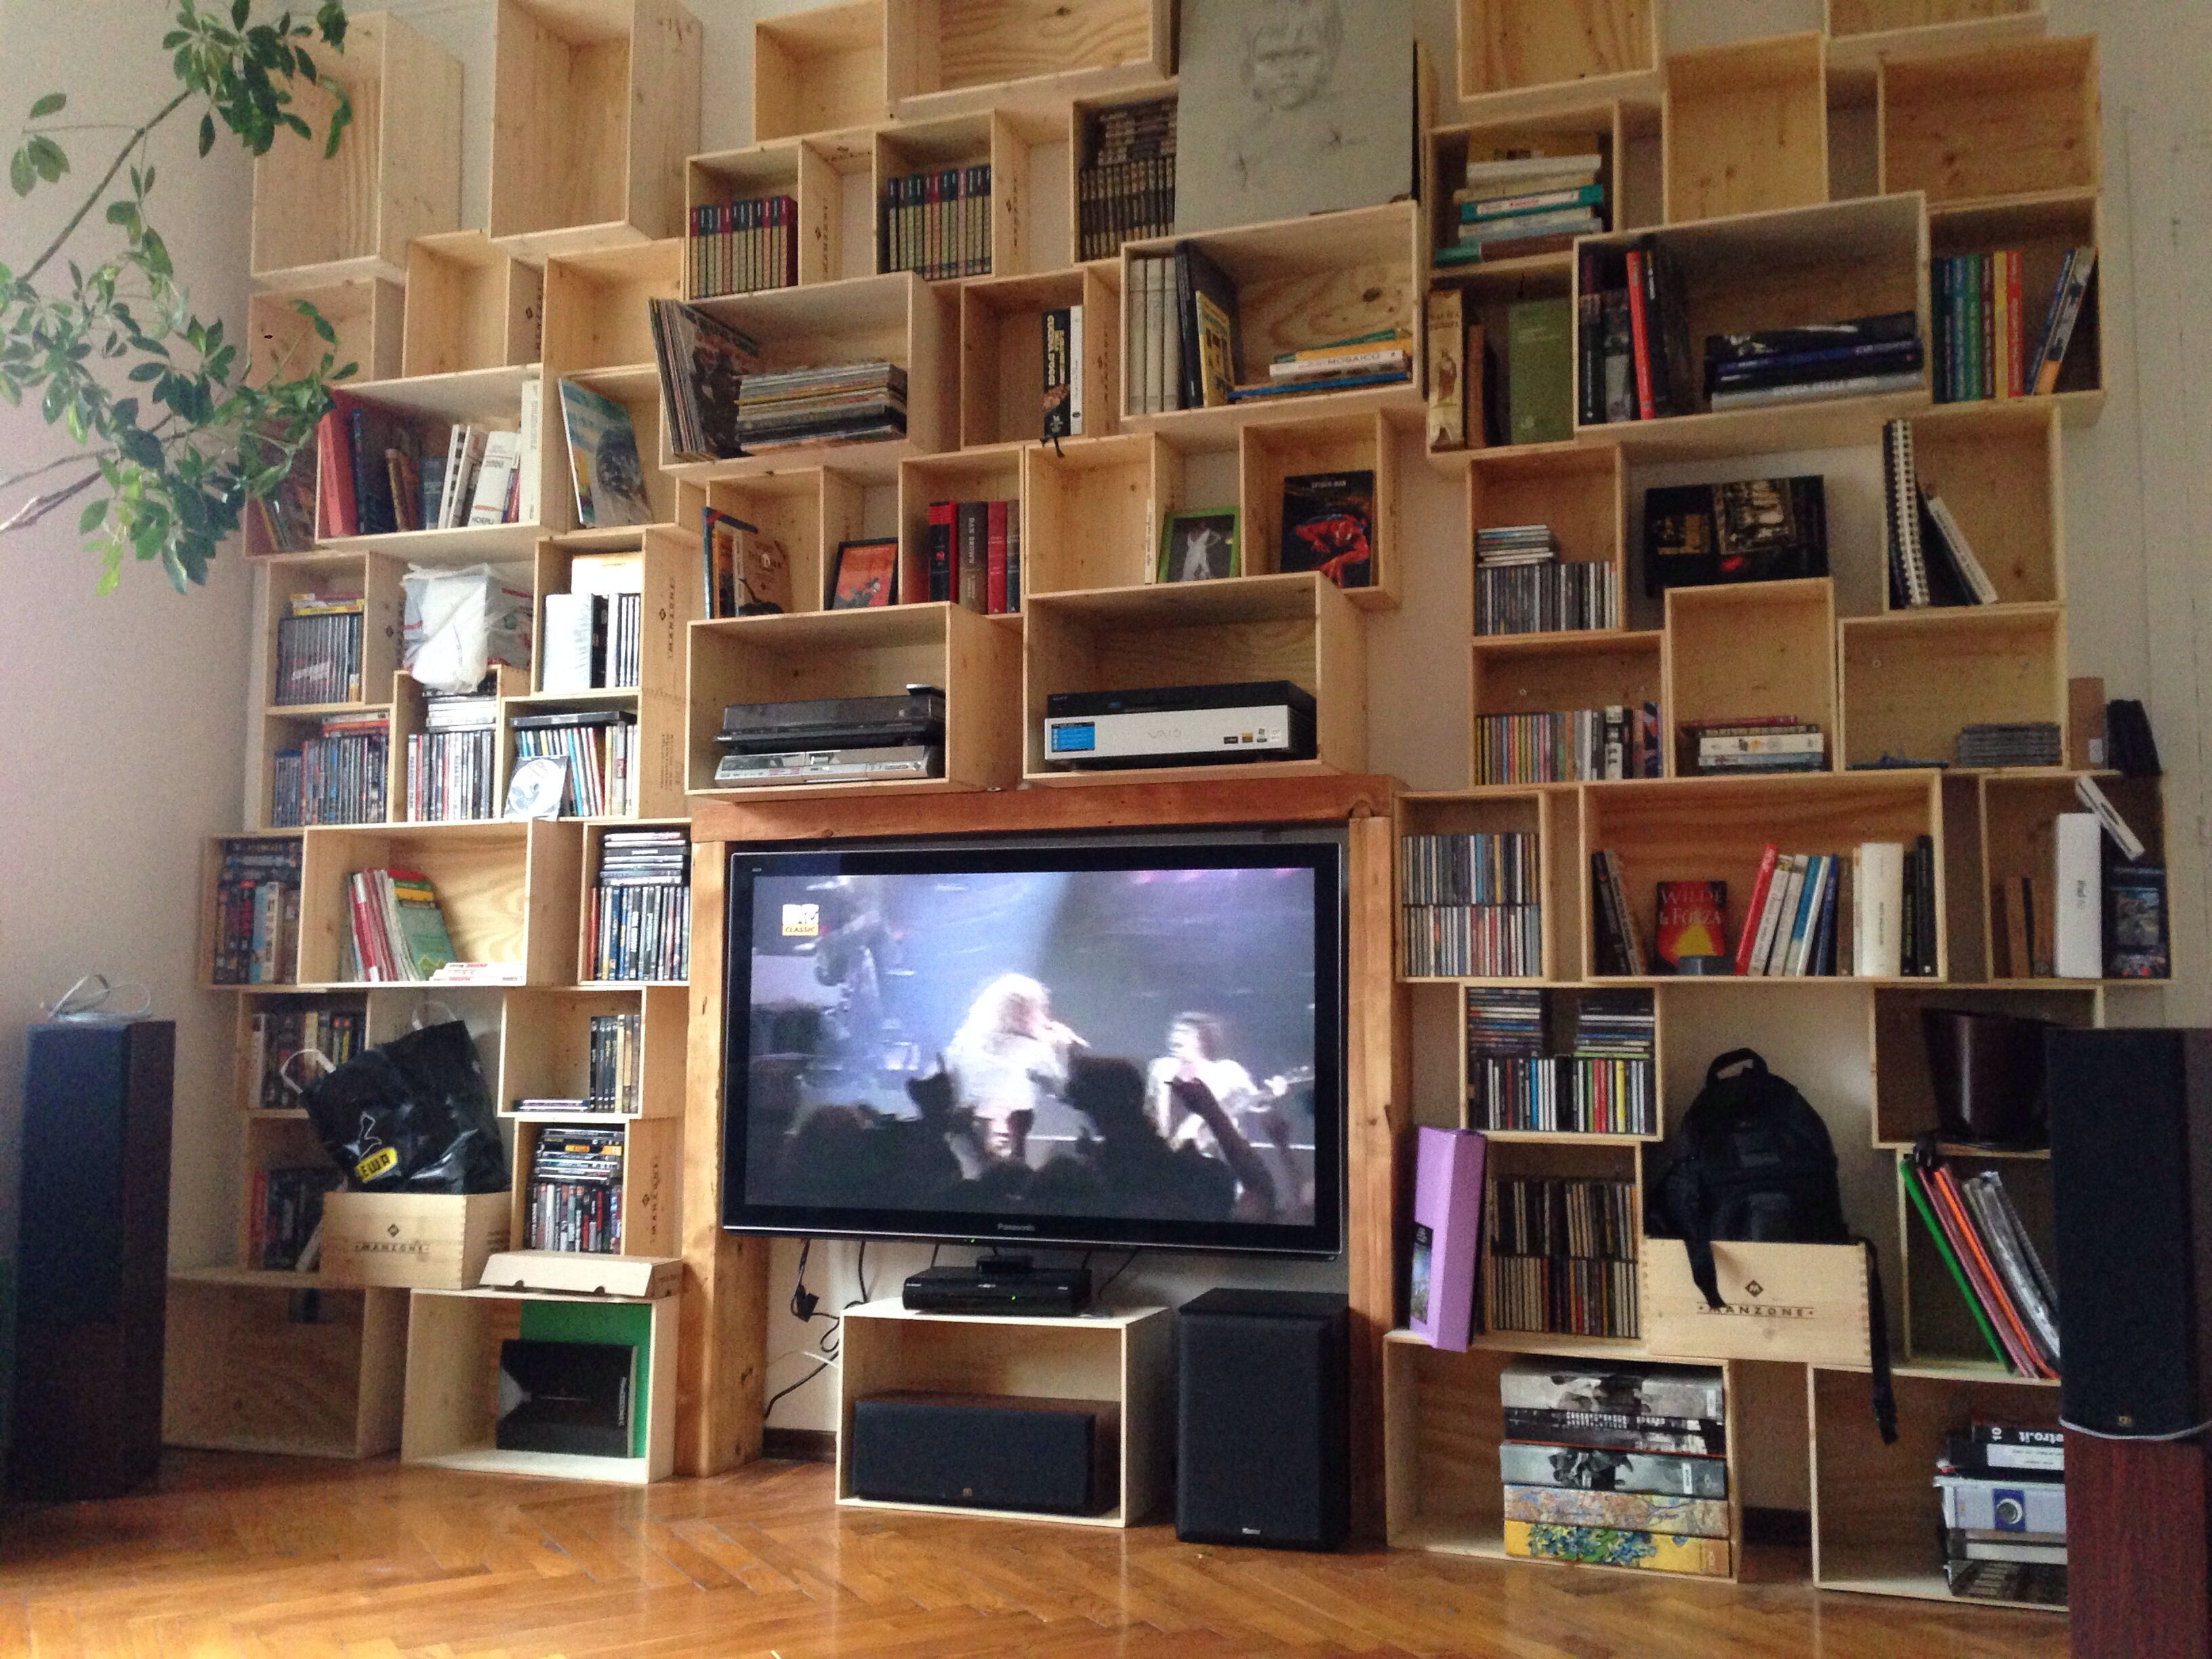 Libreria con cassette di legno da vino idee per la casa for Idee per la casa arredamento